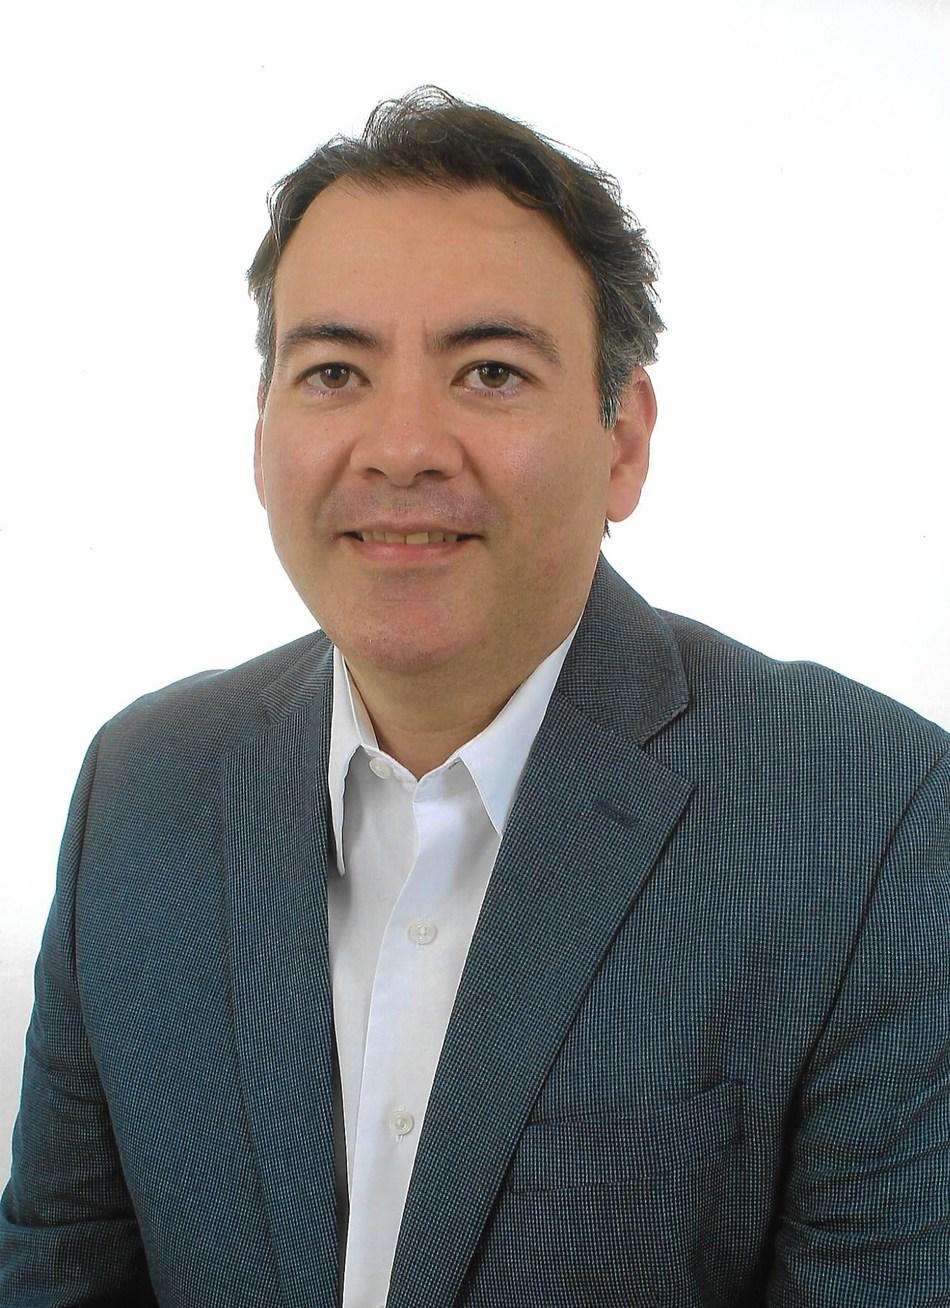 Jorge Salazar, general manager of Unifi Central America, Ltda. de CV (UCA)